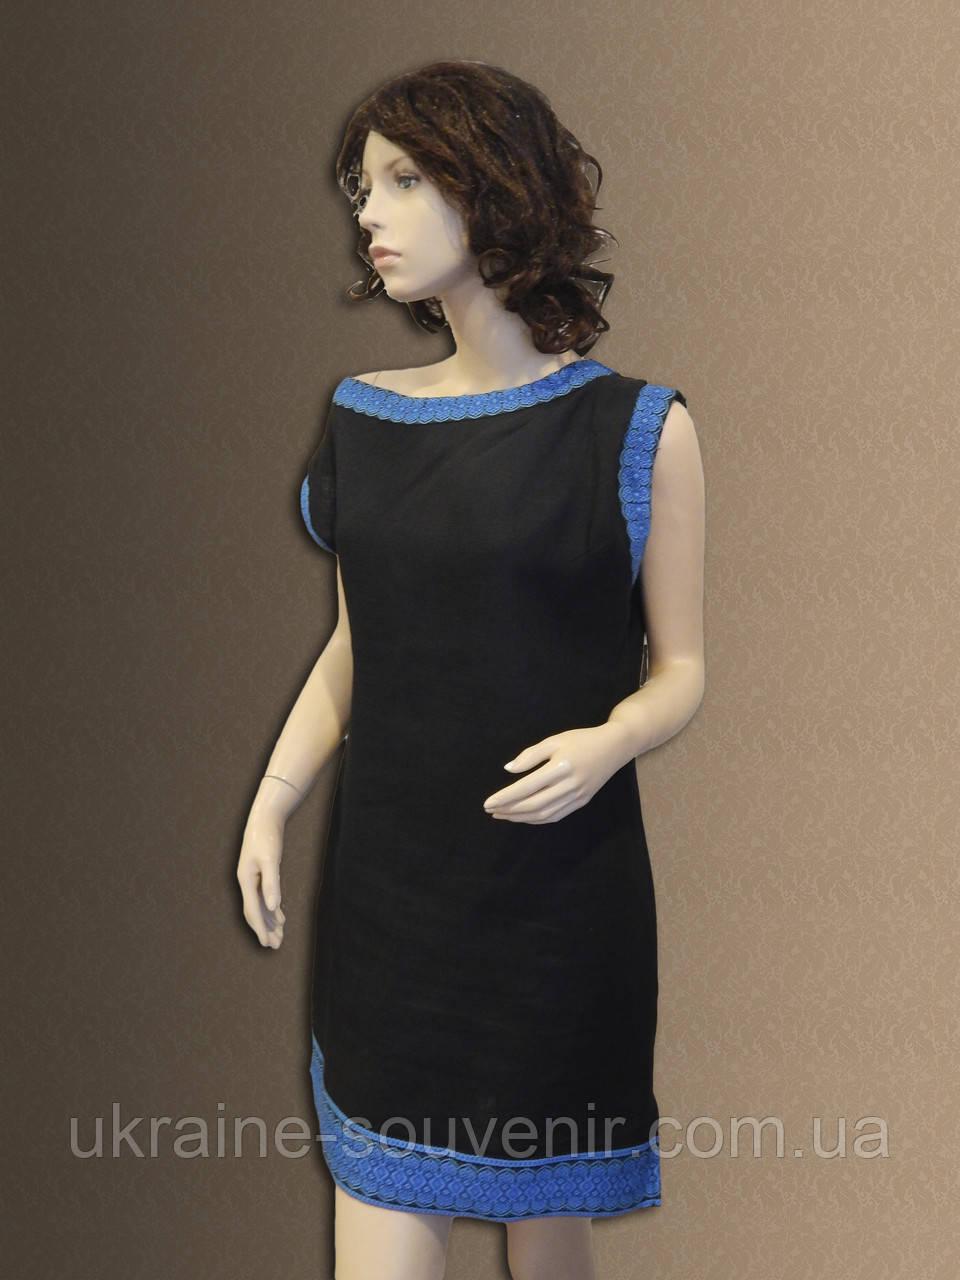 Лляна сукня-туніка в українському стилі. Льняное платье-туника. f2faf76b84f32